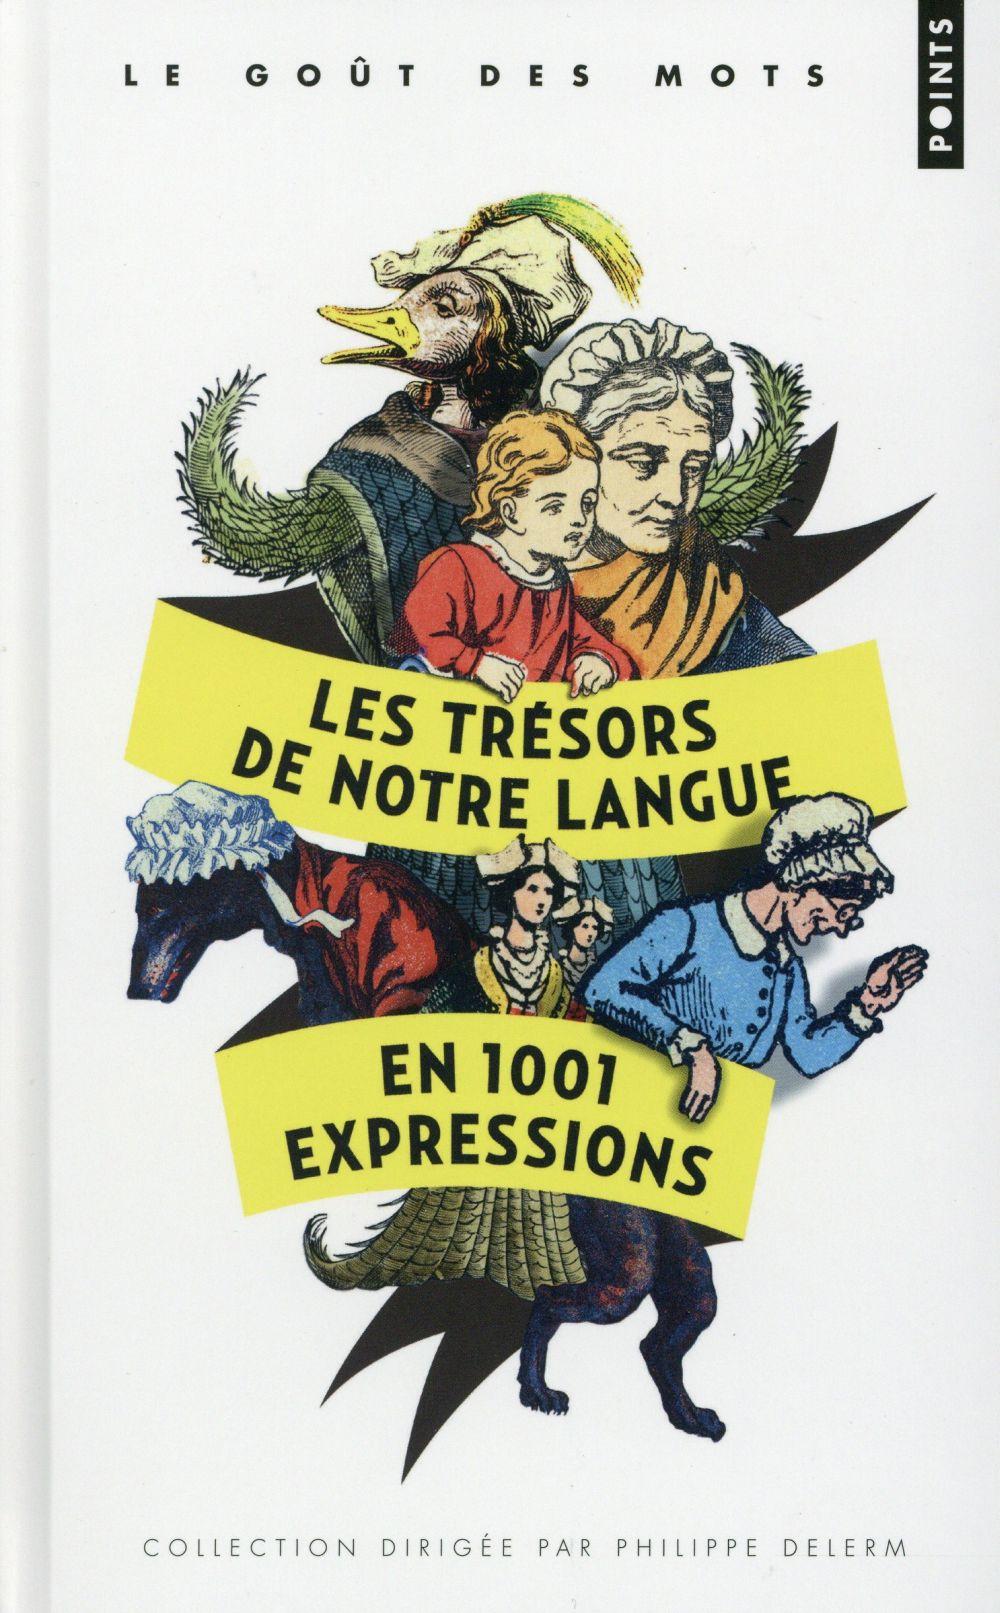 Les trésors de notre langue en 1001 expressions